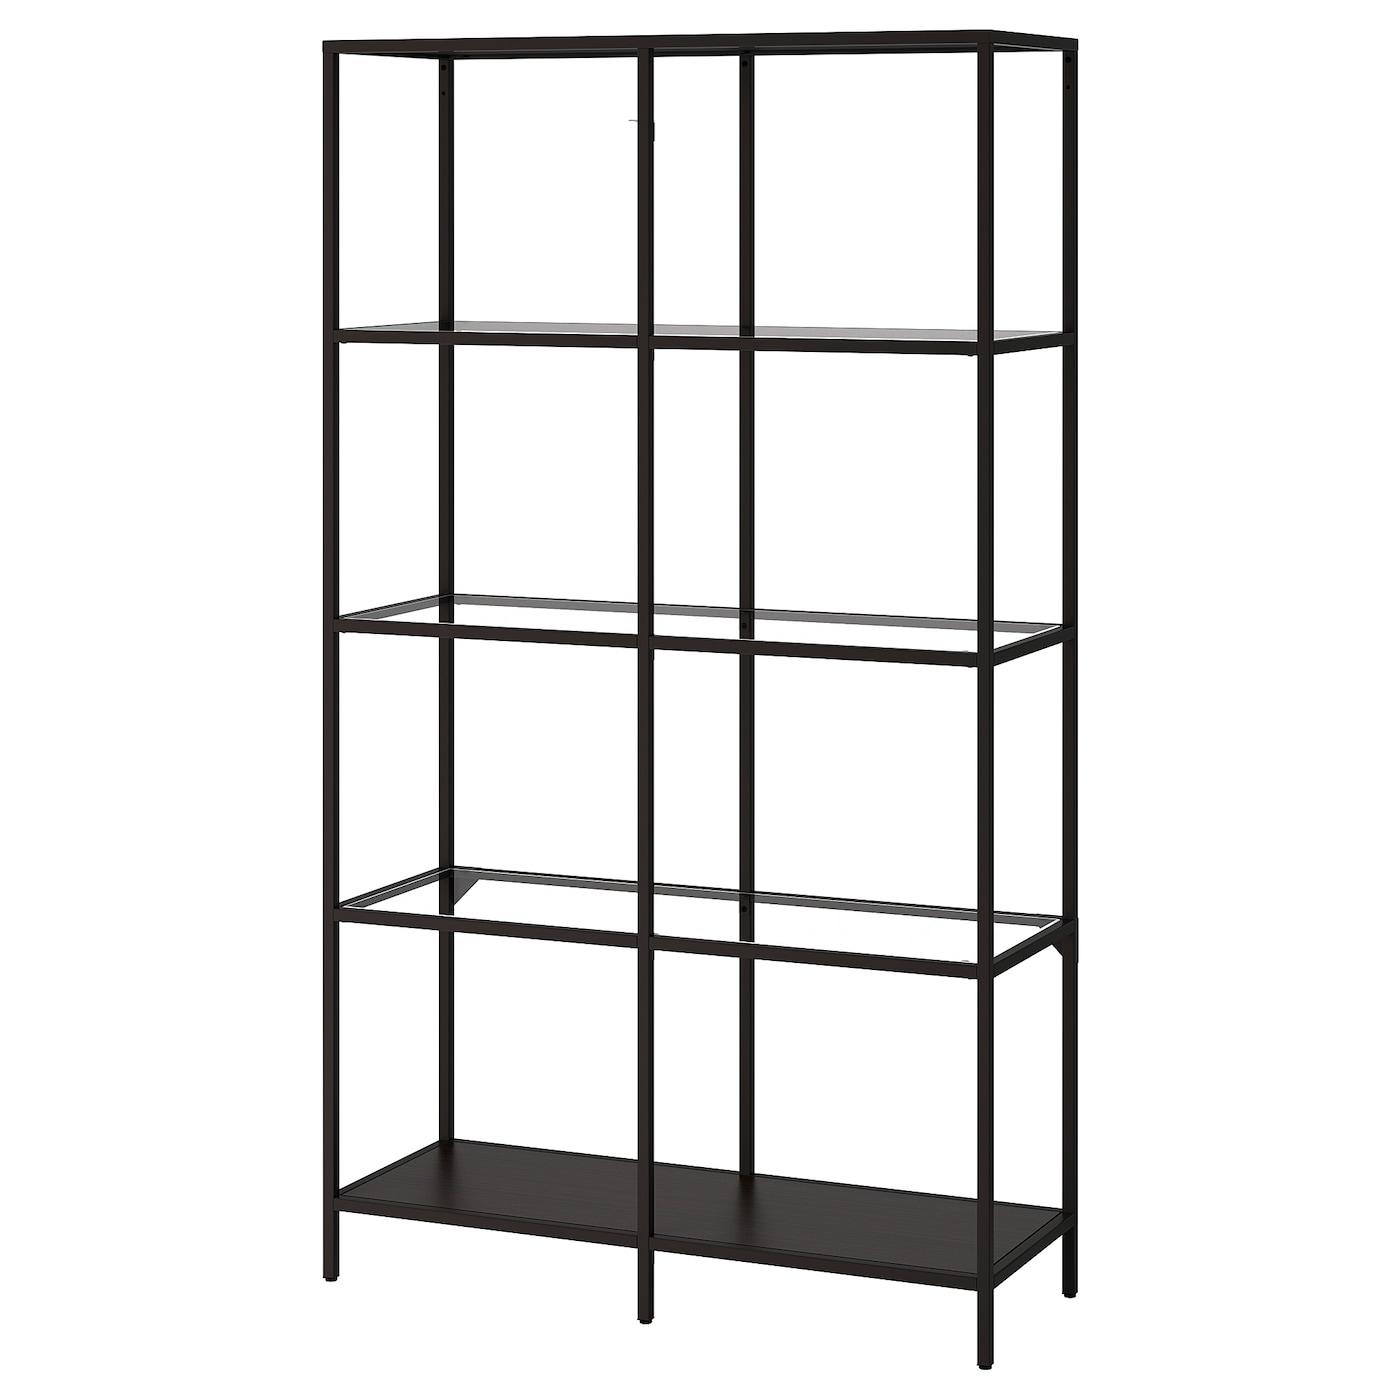 Libreria Profondità 15 Cm vittsjÖ scaffale - marrone-nero, vetro 100x175 cm